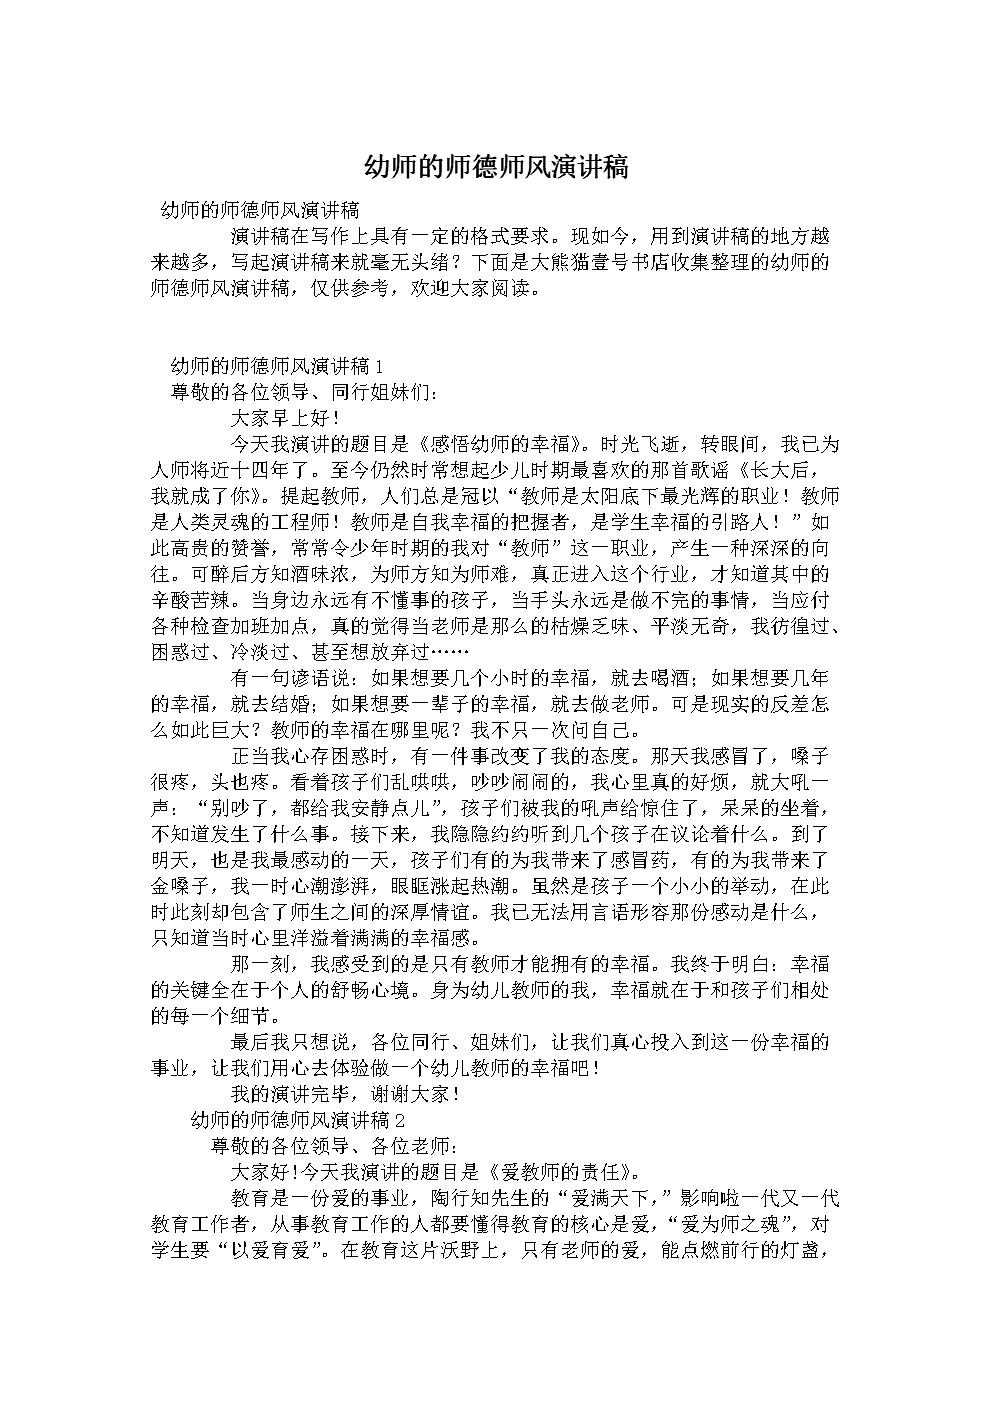 幼师的师德师风演讲稿范文模板.doc